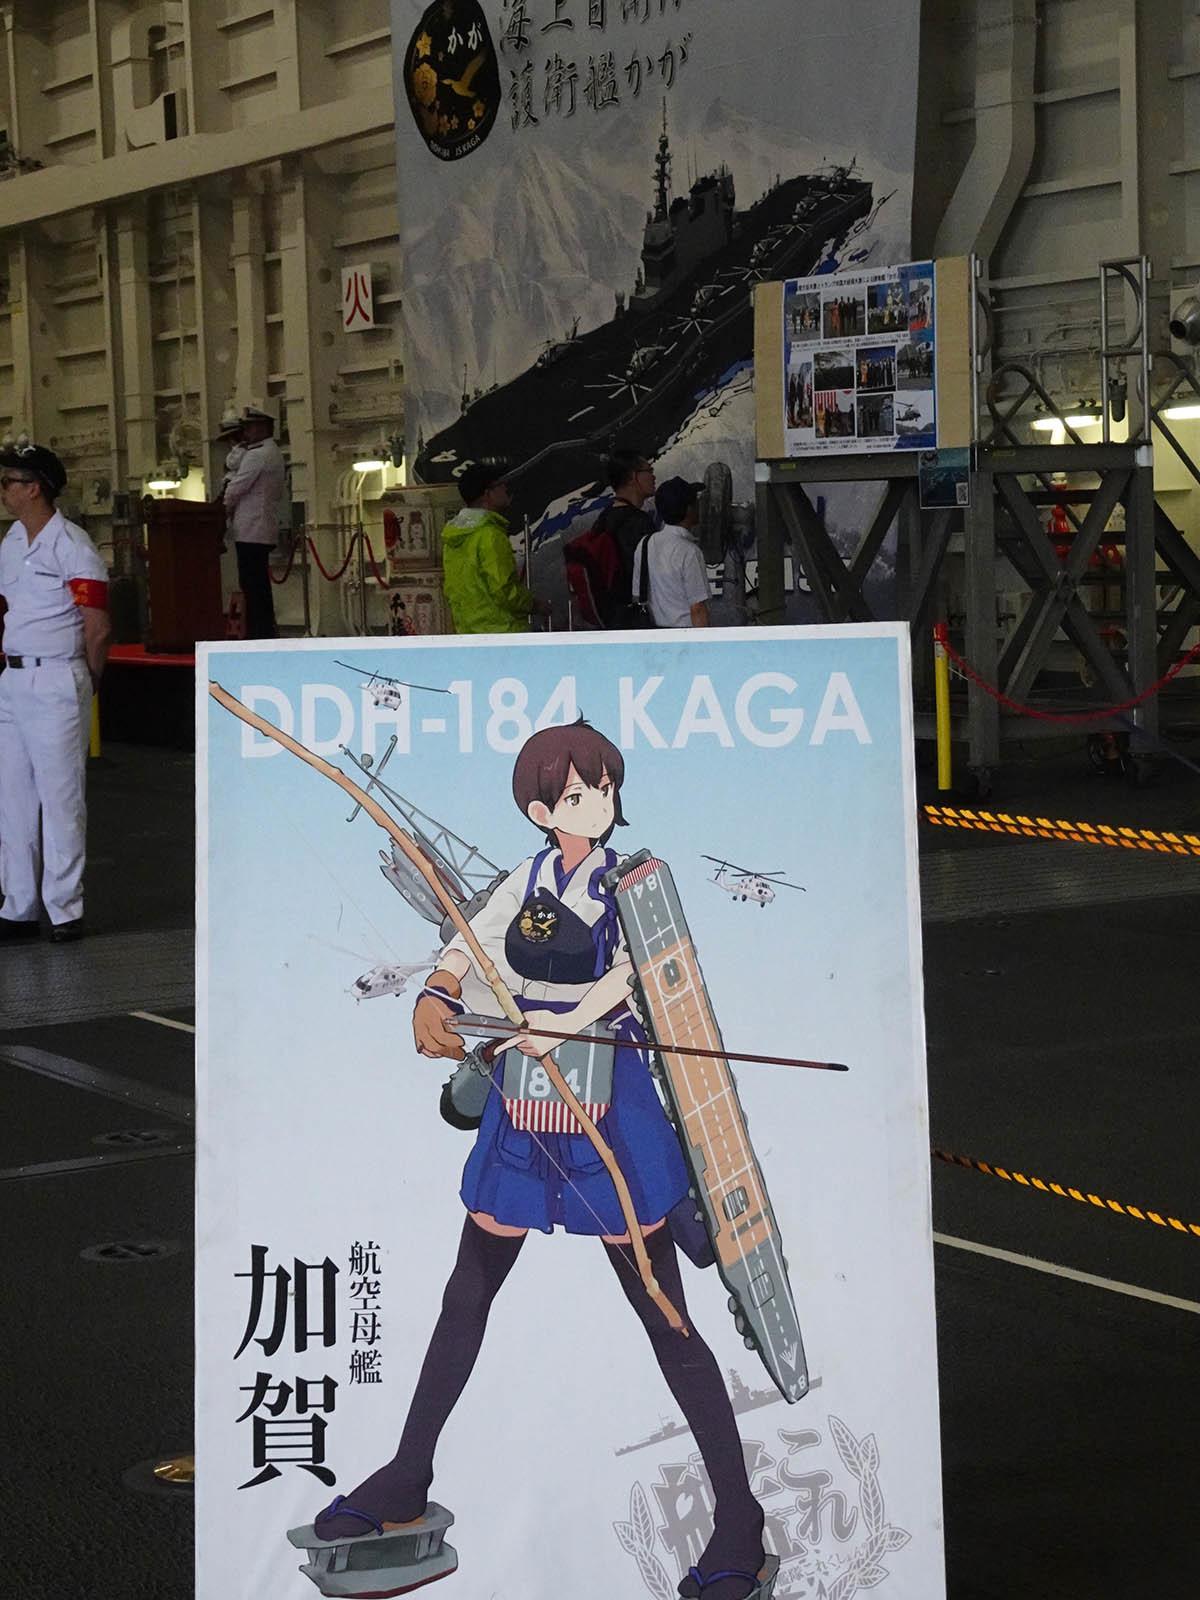 JMSDF DDH-184「かが」 in 小樽港 02_b0315809_21231337.jpg